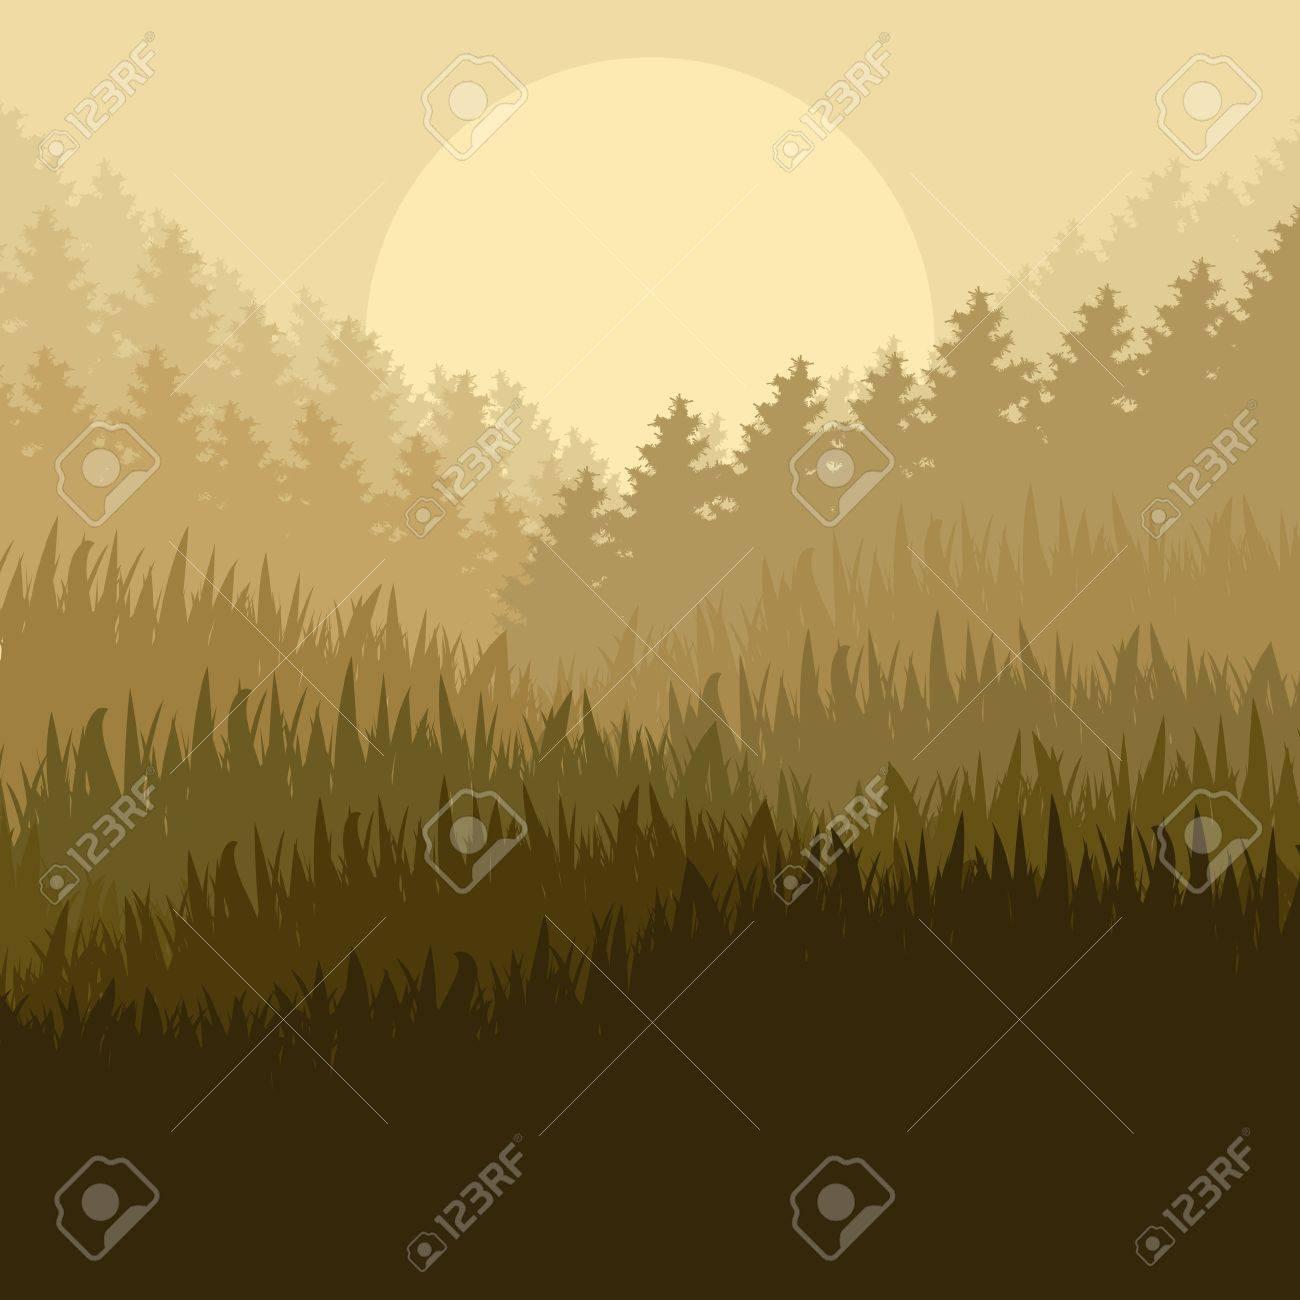 野生の山の森自然風景シーン背景イラスト ポスター ロイヤリティフリー